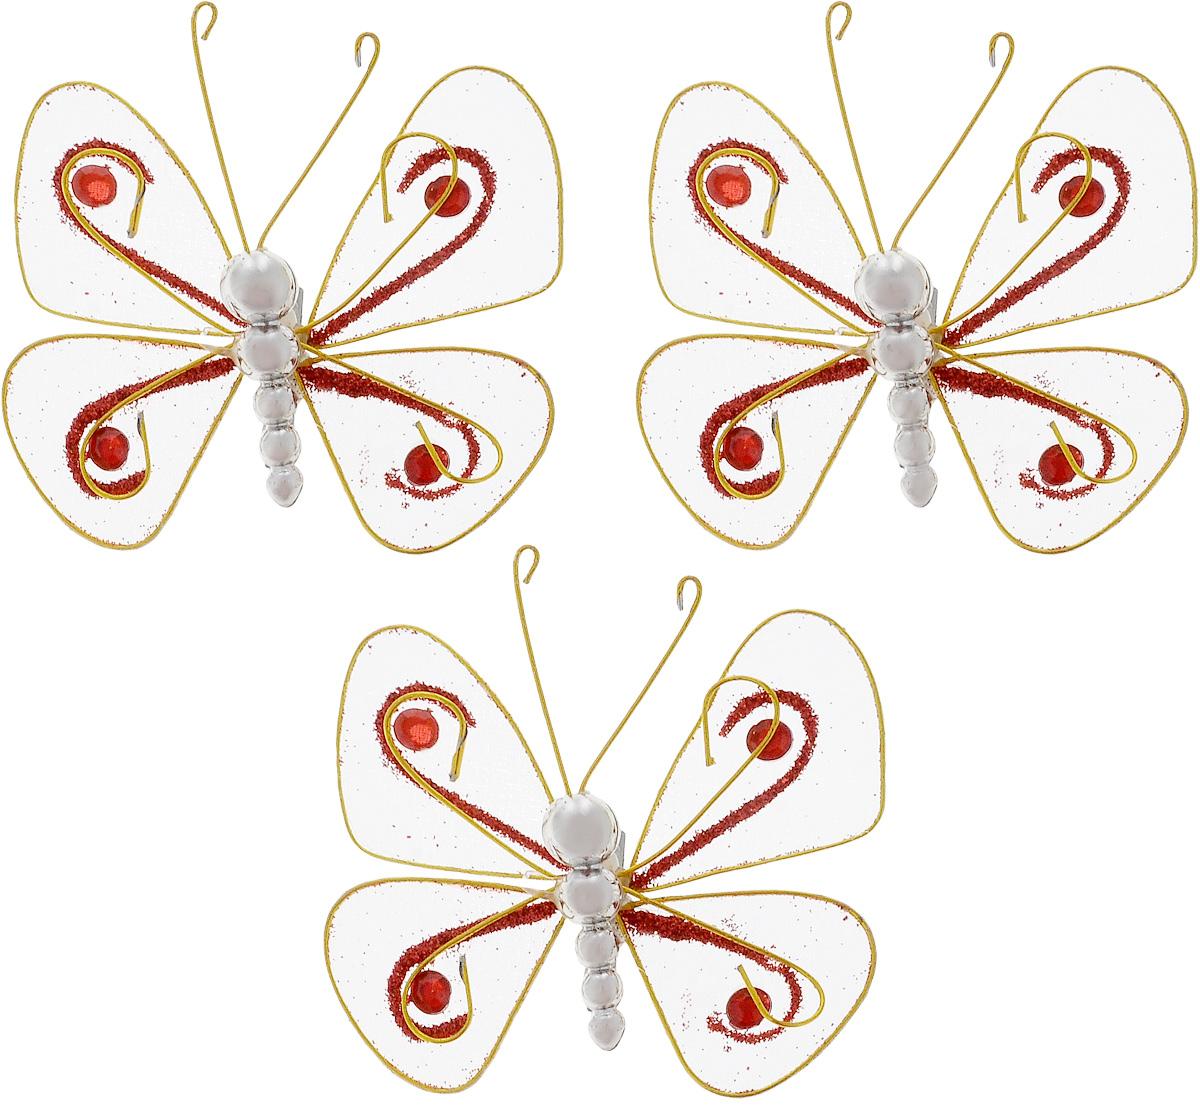 Набор новогодних подвесных украшений House & Holder Бабочки, 3 шт. G6347/8GG6347/8GНабор подвесных украшений House & Holder Бабочки прекрасно подойдет для праздничного декора новогодней ели. Набор состоит из 3 пластиковых украшений в виде бабочек. Для удобного размещения на елке для каждого украшения предусмотрено крепление. Елочная игрушка - символ Нового года. Она несет в себе волшебство и красоту праздника. Создайте в своем доме атмосферу веселья и радости, украшая новогоднюю елку нарядными игрушками, которые будут из года в год накапливать теплоту воспоминаний. Откройте для себя удивительный мир сказок и грез. Почувствуйте волшебные минуты ожидания праздника, создайте новогоднее настроение вашим дорогим и близким.Размер: 7,5 х 7,5 х 1,5 см.